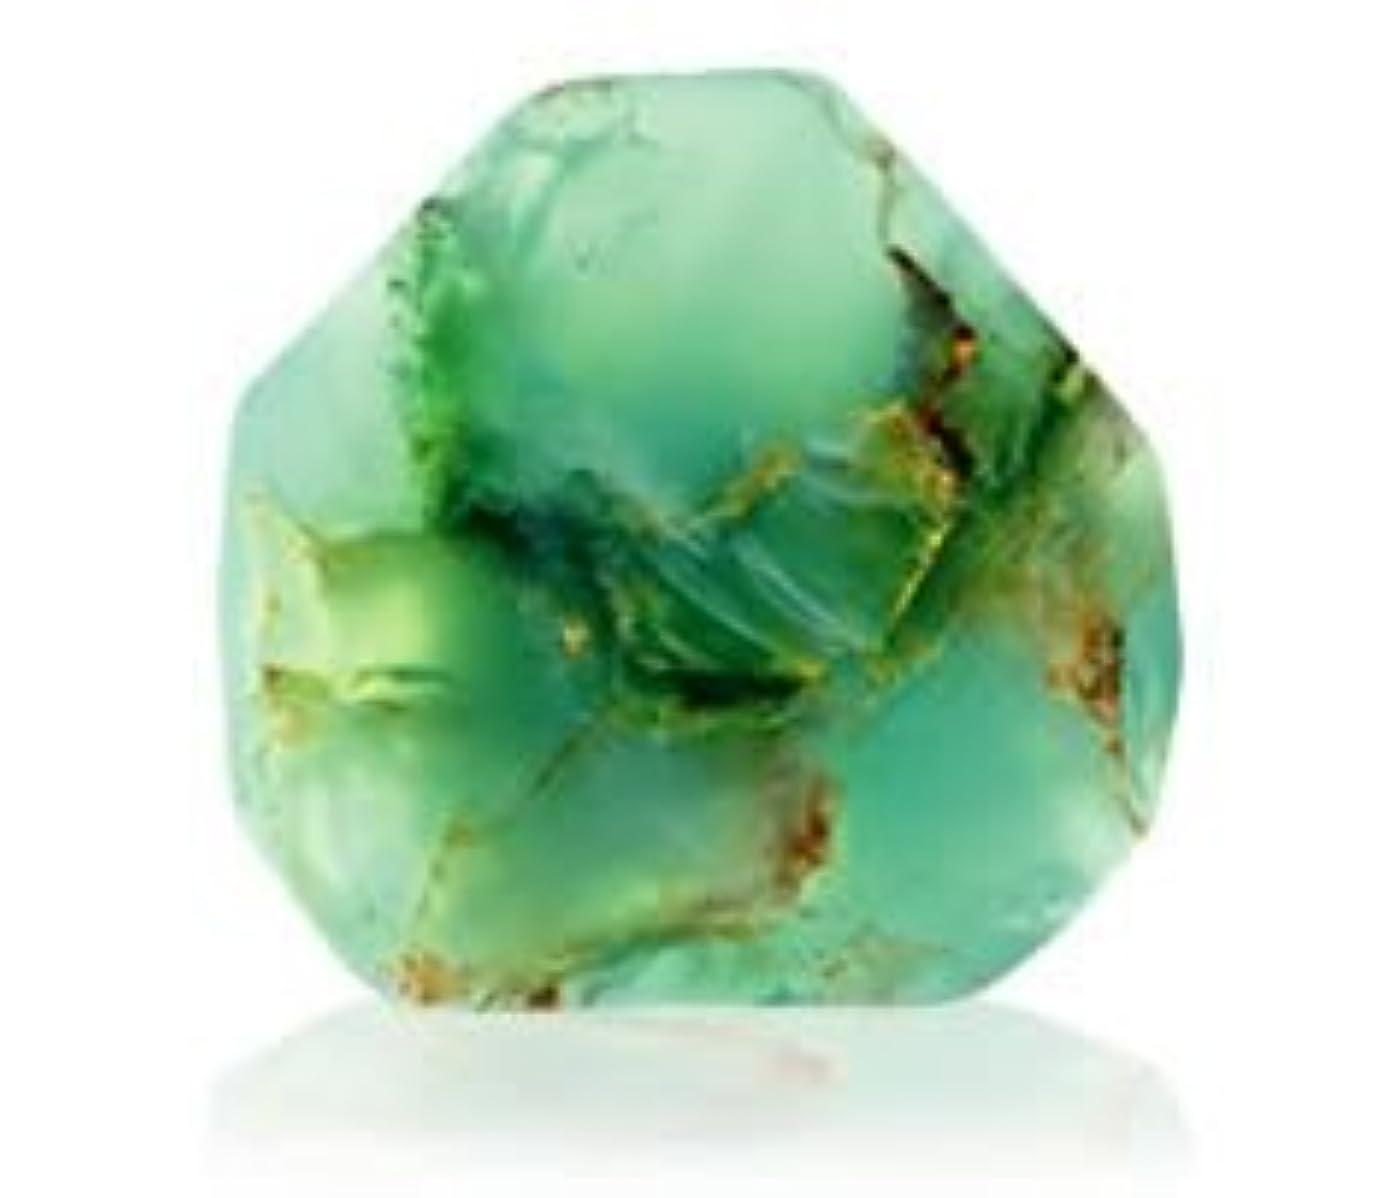 罰より矛盾Savons Gemme サボンジェム 世界で一番美しい宝石石鹸 フレグランスソープ ジェイド 170g